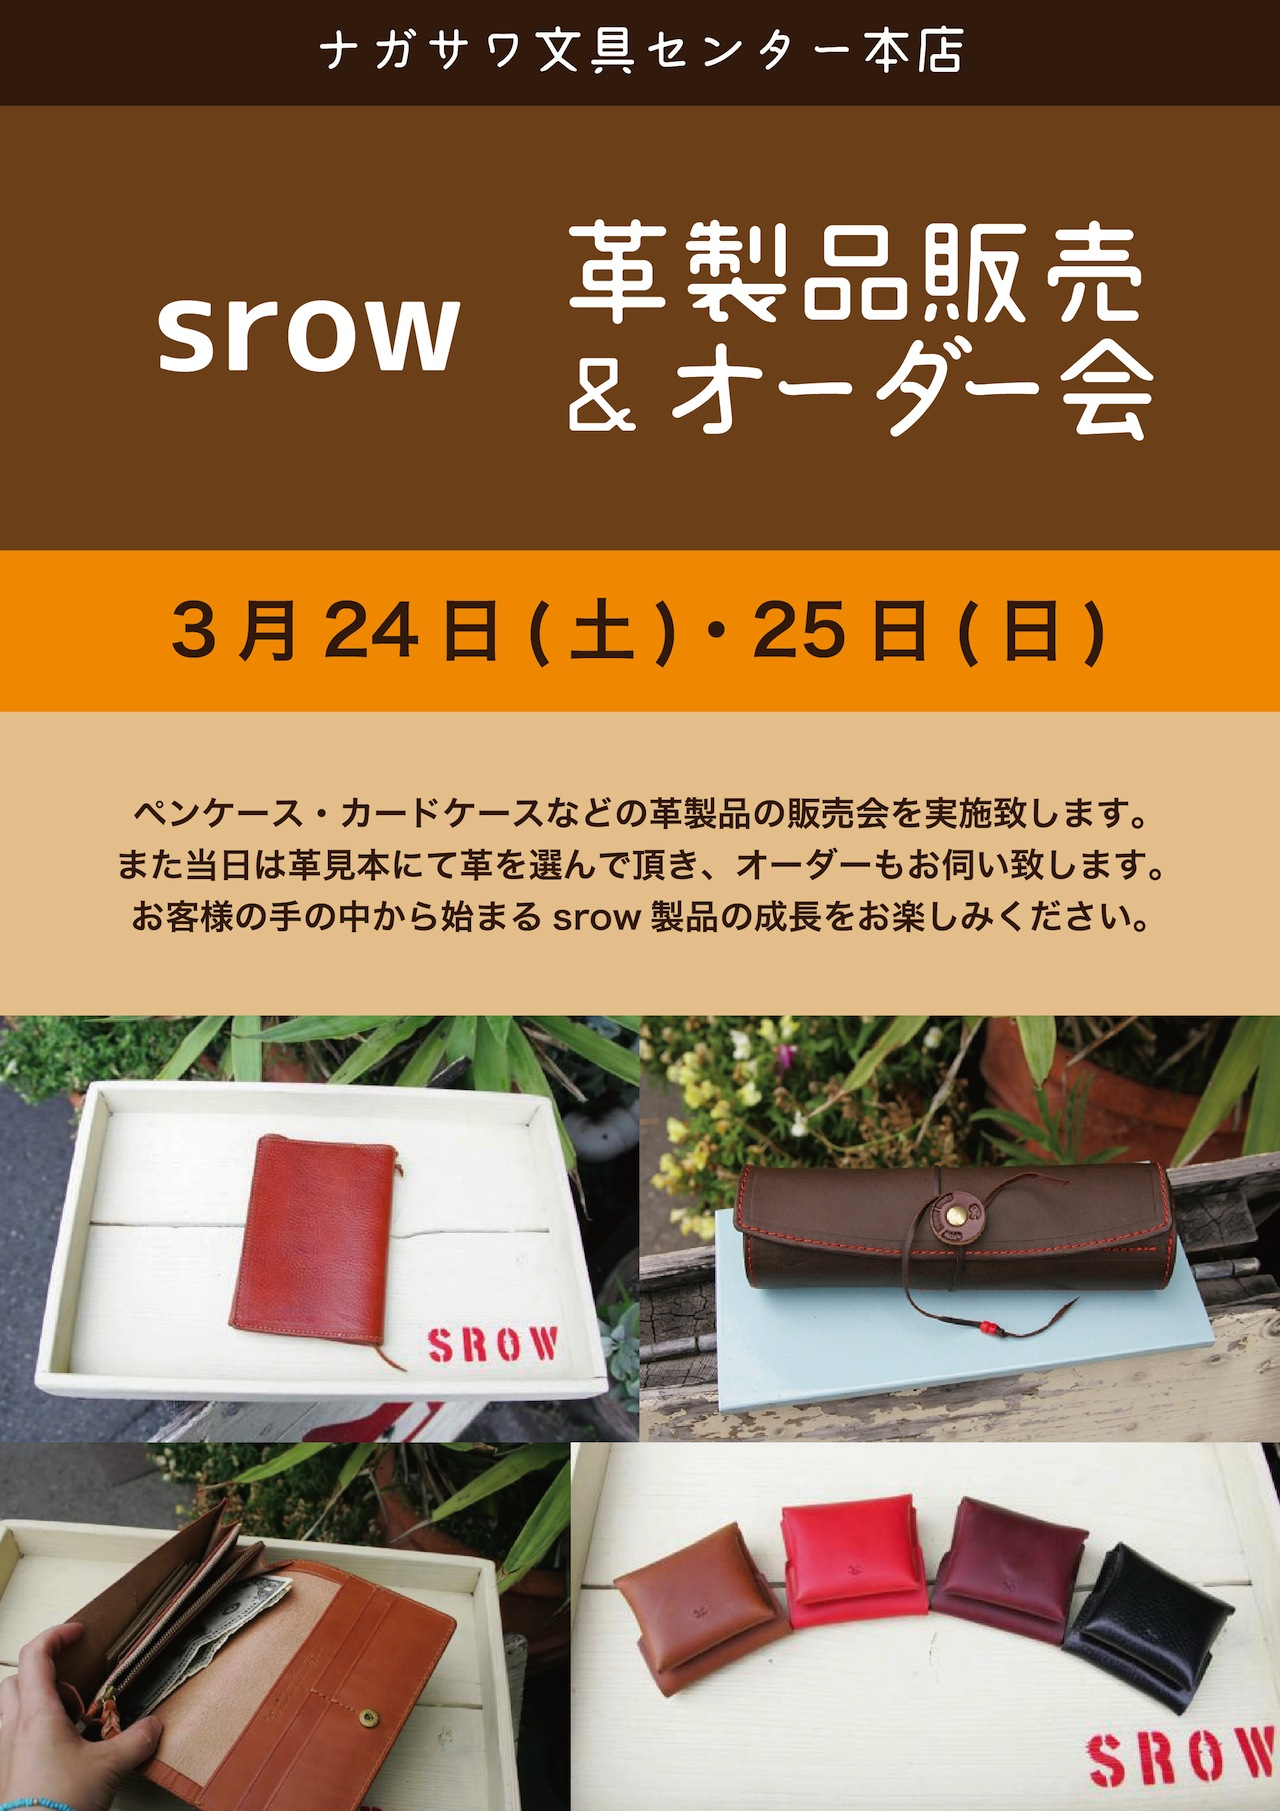 じっくりと手に馴染むハンドメイド革製品をお楽しみください !| srow革製品販売&オーダー会開催